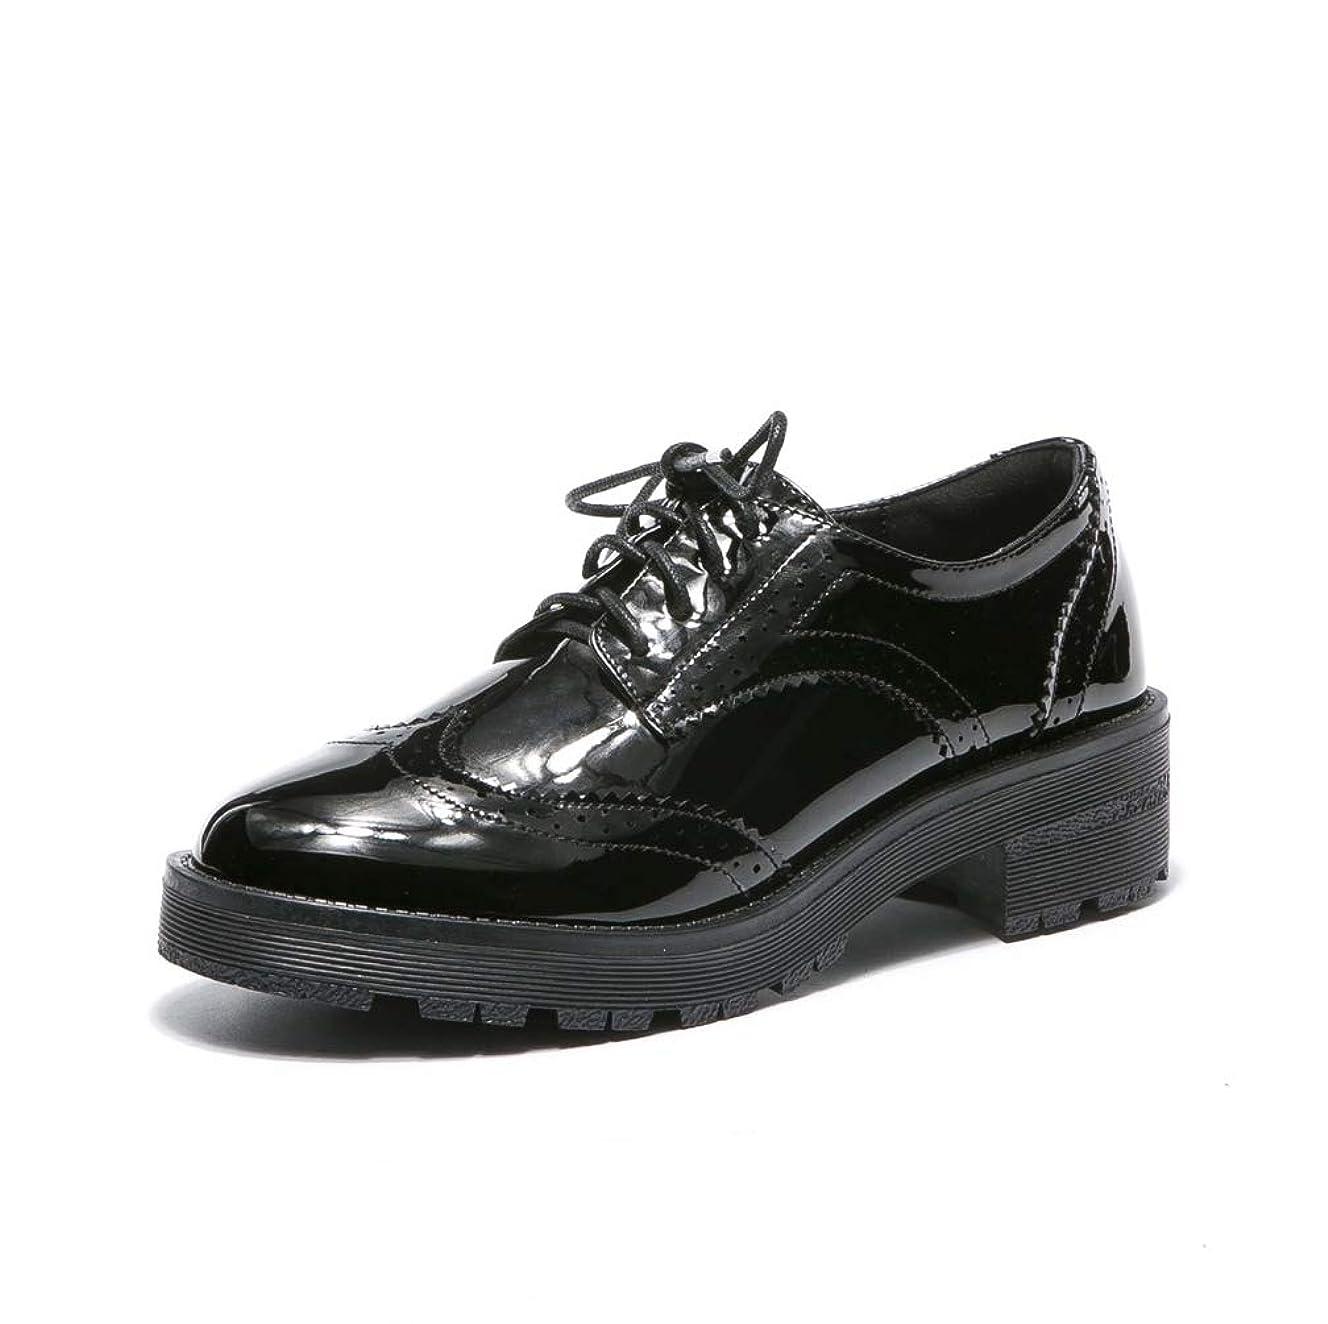 敬意を表するどうしたの少年[THLD] 高反発クッション おじ靴 レディース エナメル レースアップ オックスフォード ローファー 学生 女子 ラウンドトゥ靴 ローヒールパンプス 歩きやすい 黒 マニッシュシューズ レディース 厚底 カジュアルシューズ ハンサムシューズ